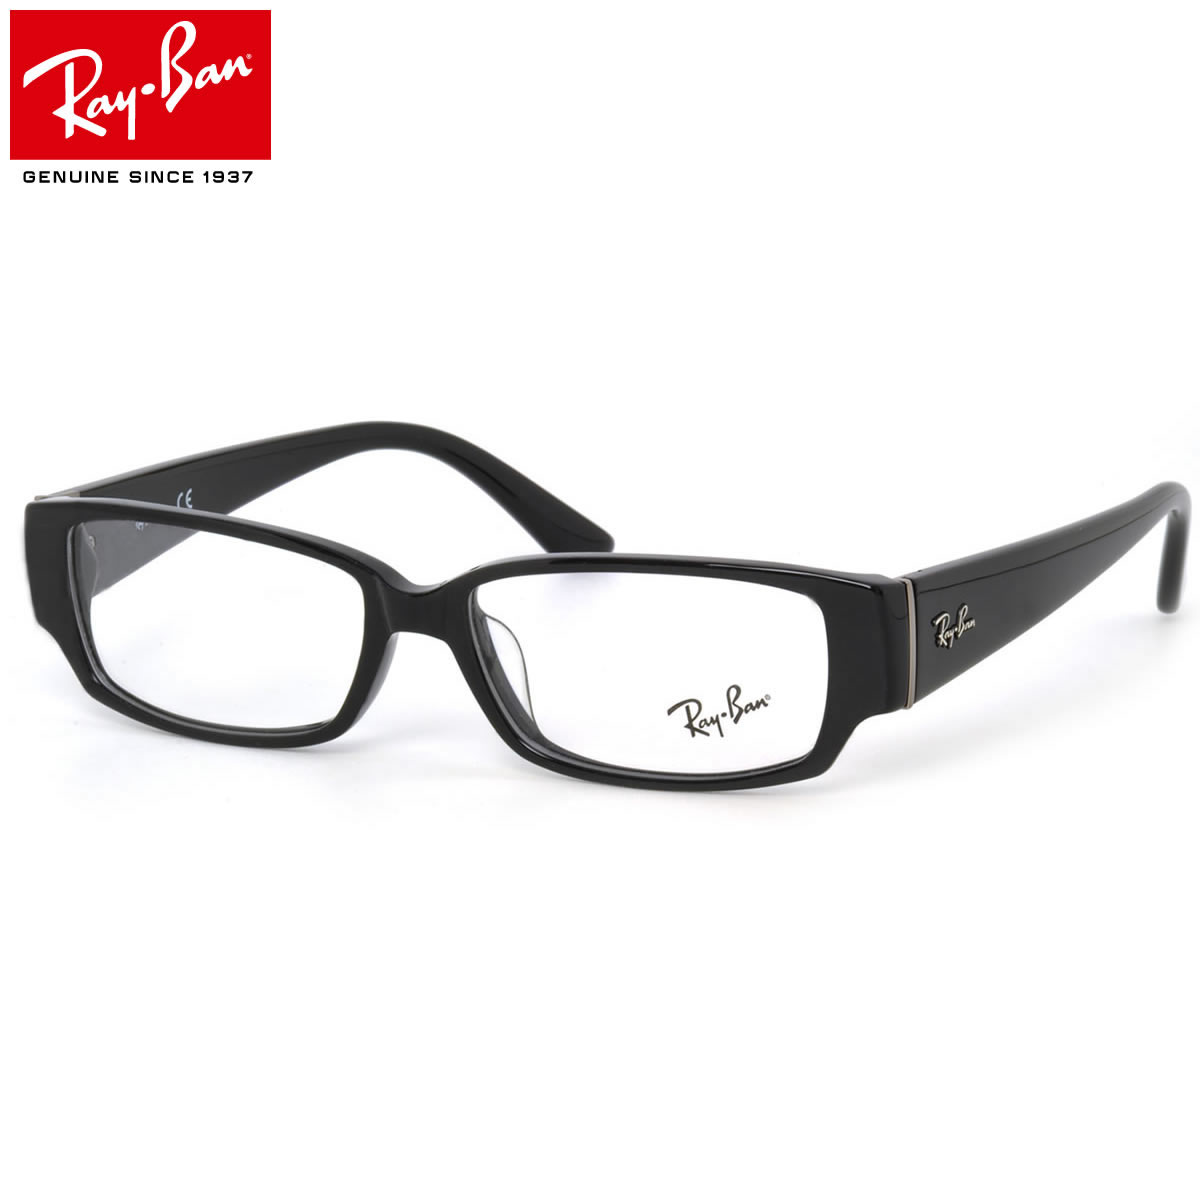 レイバン メガネ フレーム Ray-Ban RX5250 5114 54サイズ 伊達メガネ フレーム 度付き レイバン RAYBAN メンズ レディース